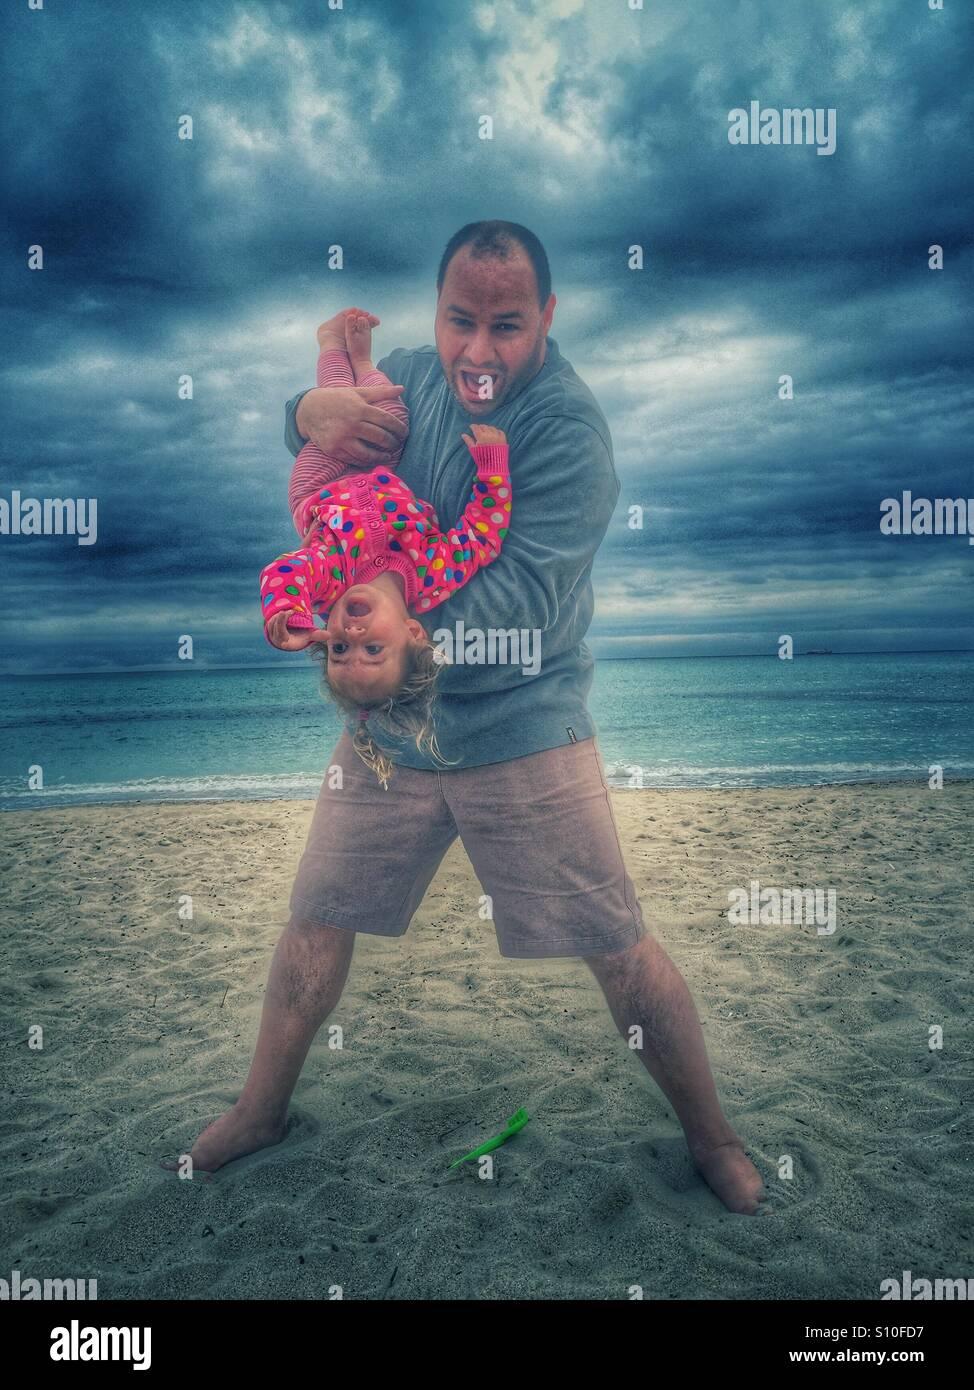 Vater und Baby Mädchen spielen am Strand Stockbild